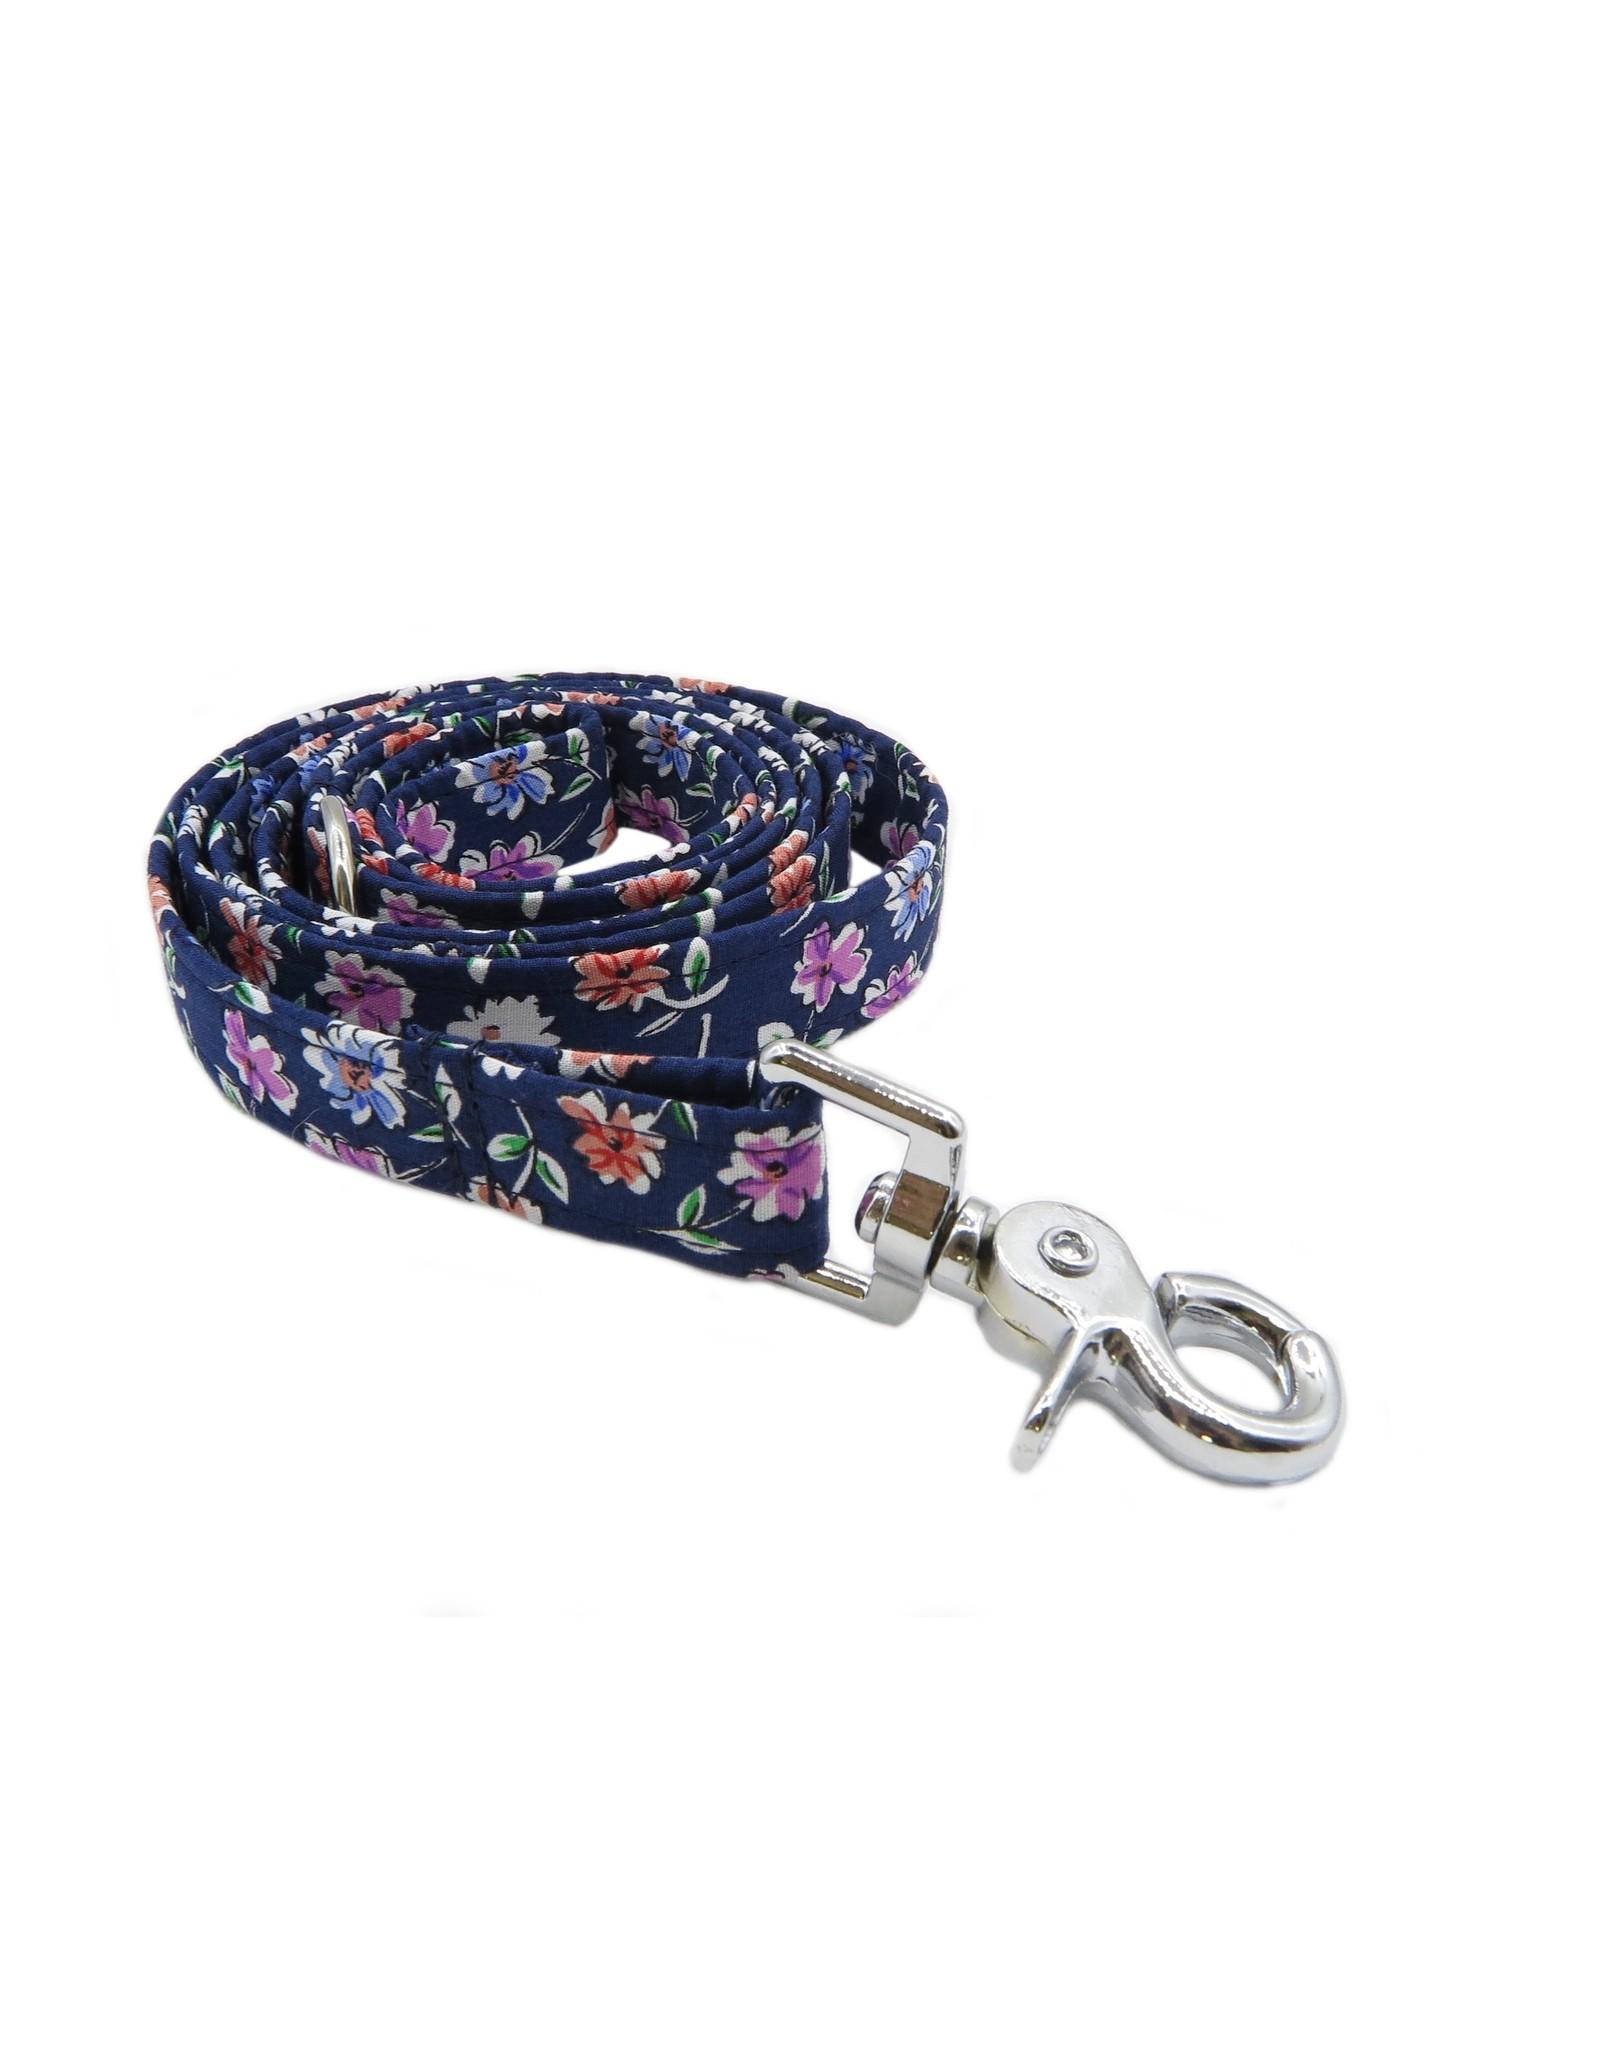 Daisy leash